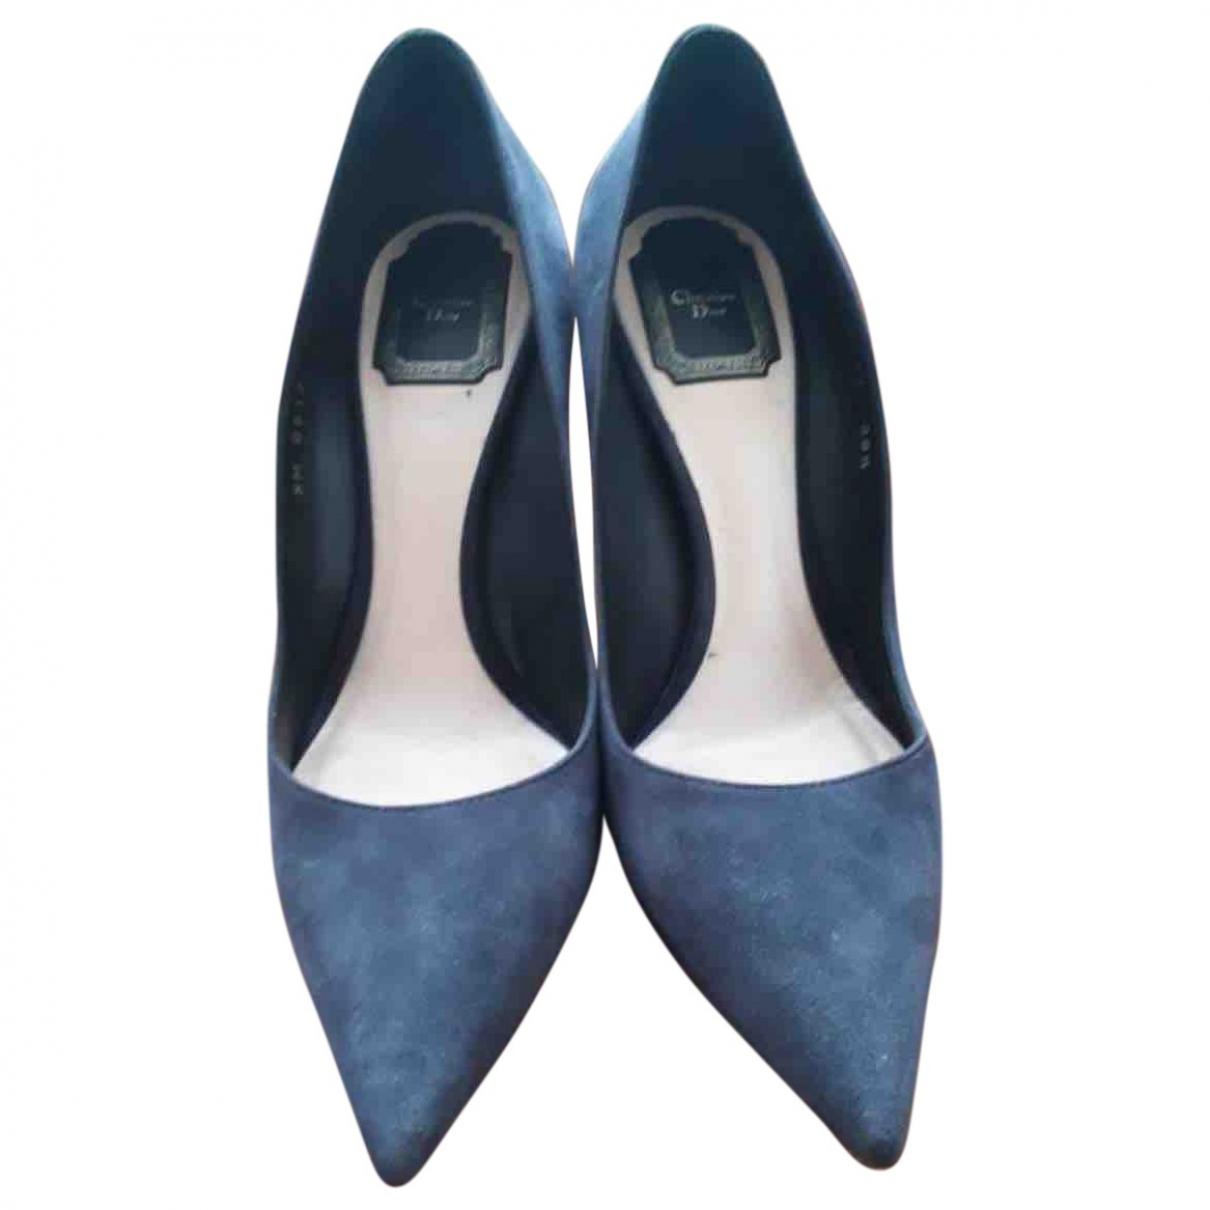 Dior - Escarpins Dior Cherie Pointy Pump pour femme en suede - bleu